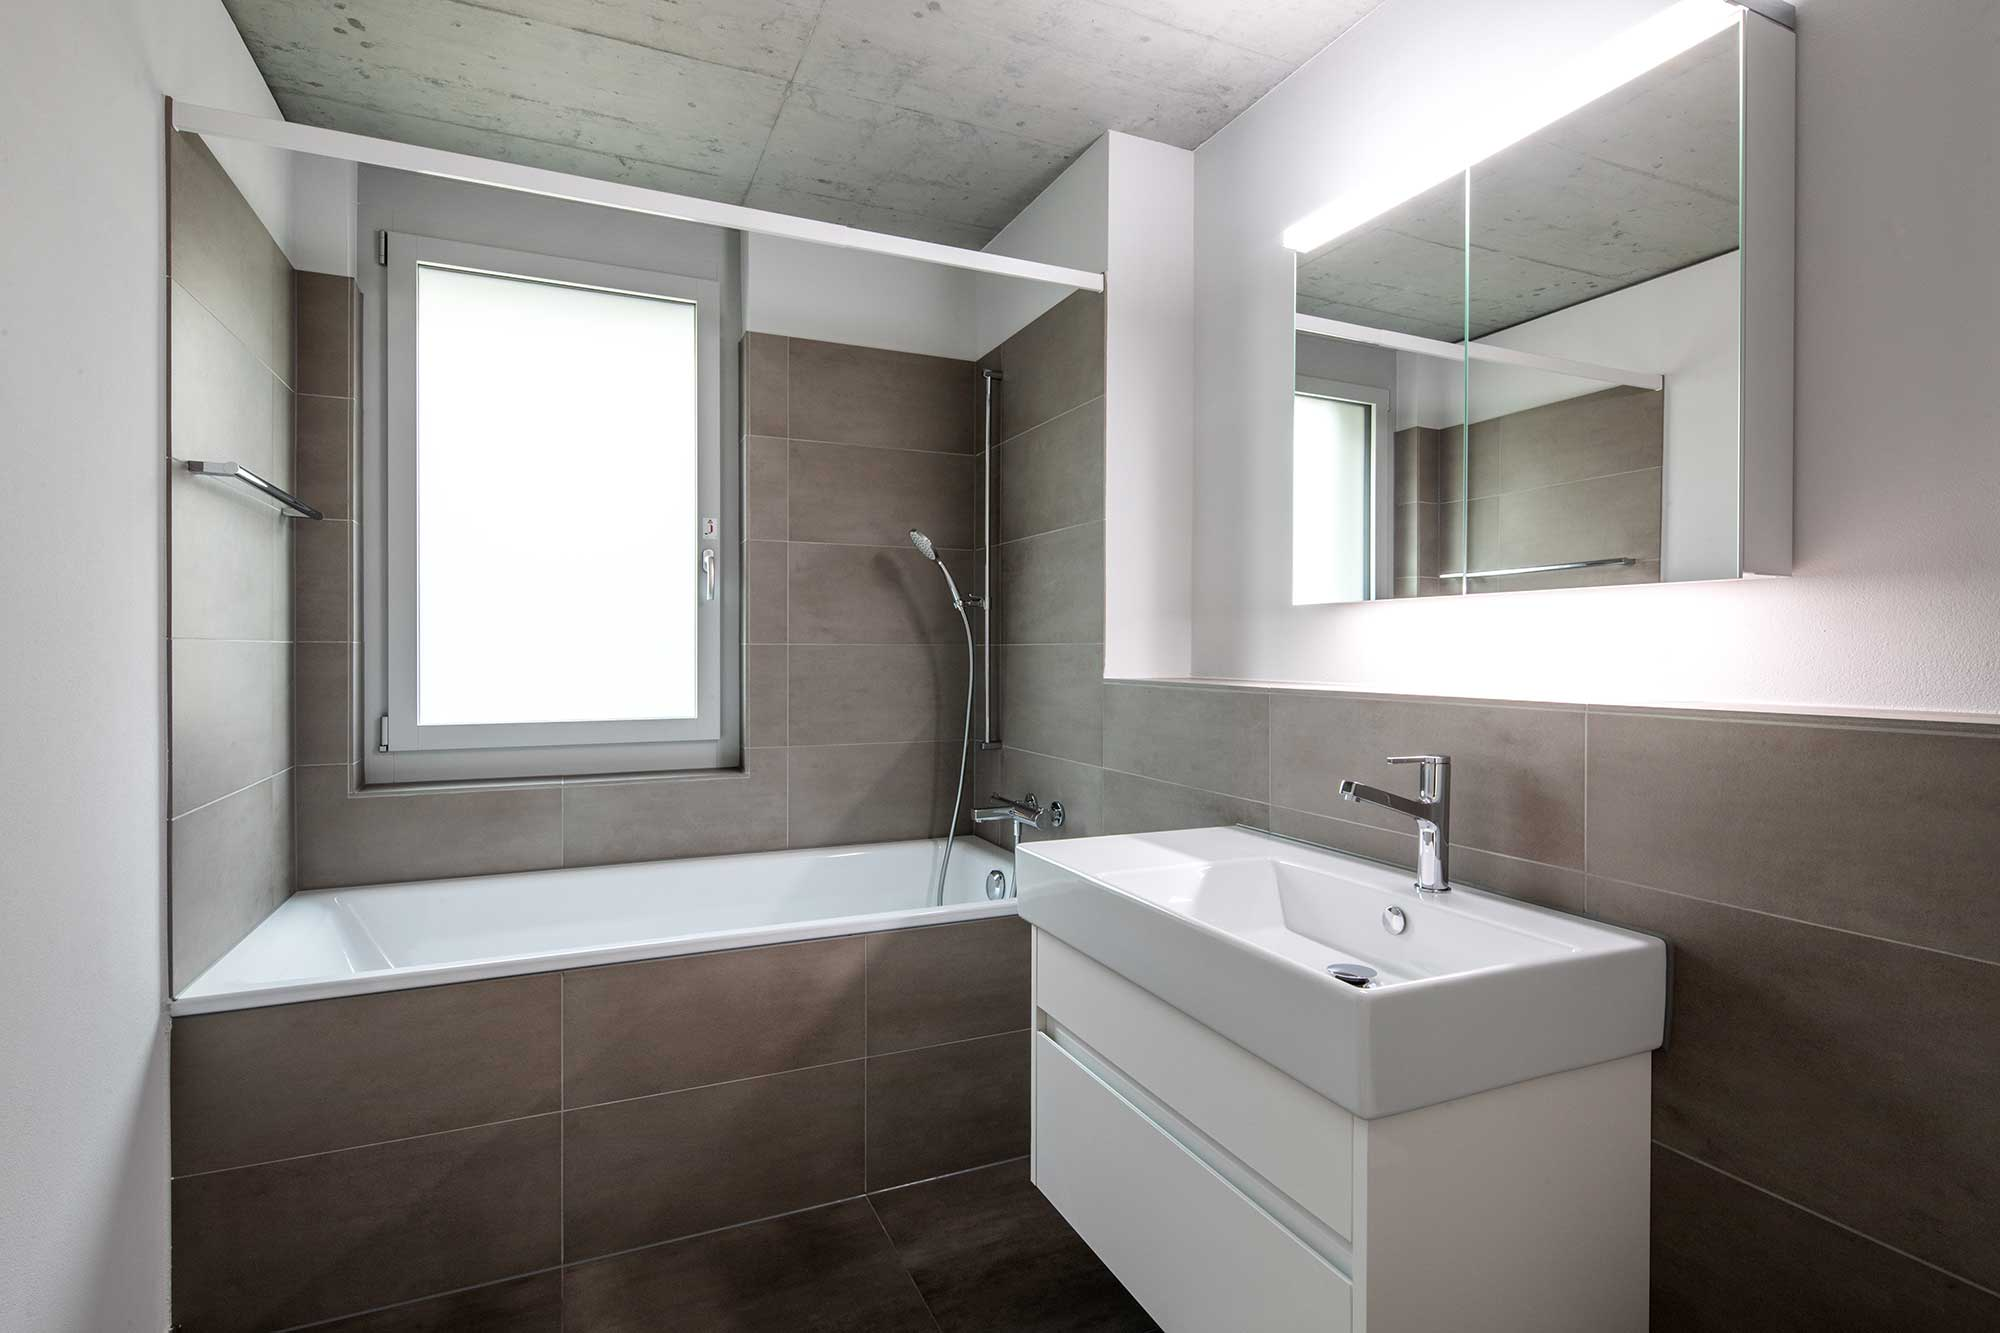 Les robinets modernes sont dotés d'une fonction intégrée d'économie d'eau.